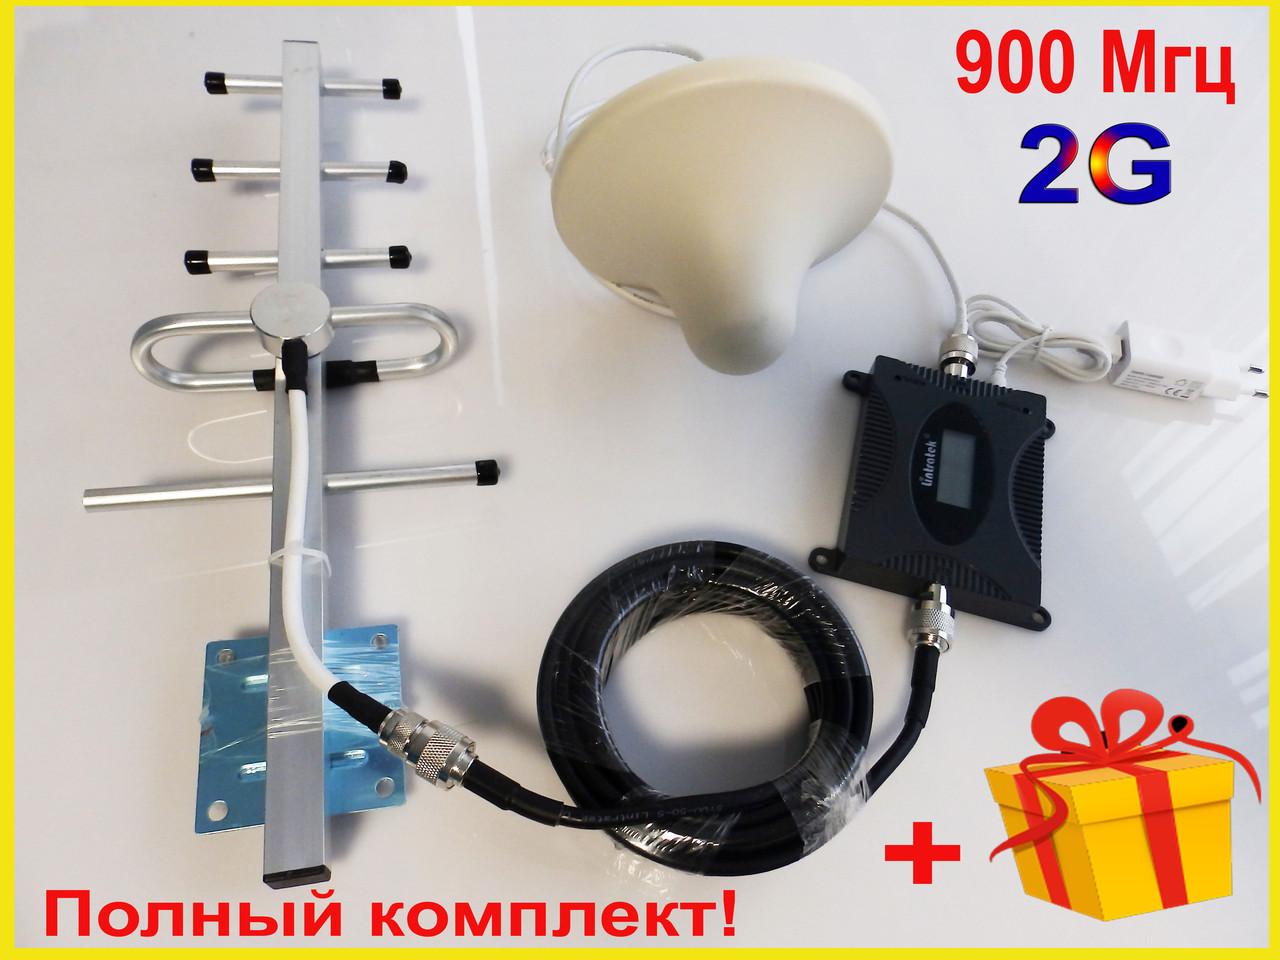 Усилитель Репитер Repeater сигнала мобильной связи Lintratek GSM 900 МГц полный комплект  + Подарок + Скидка